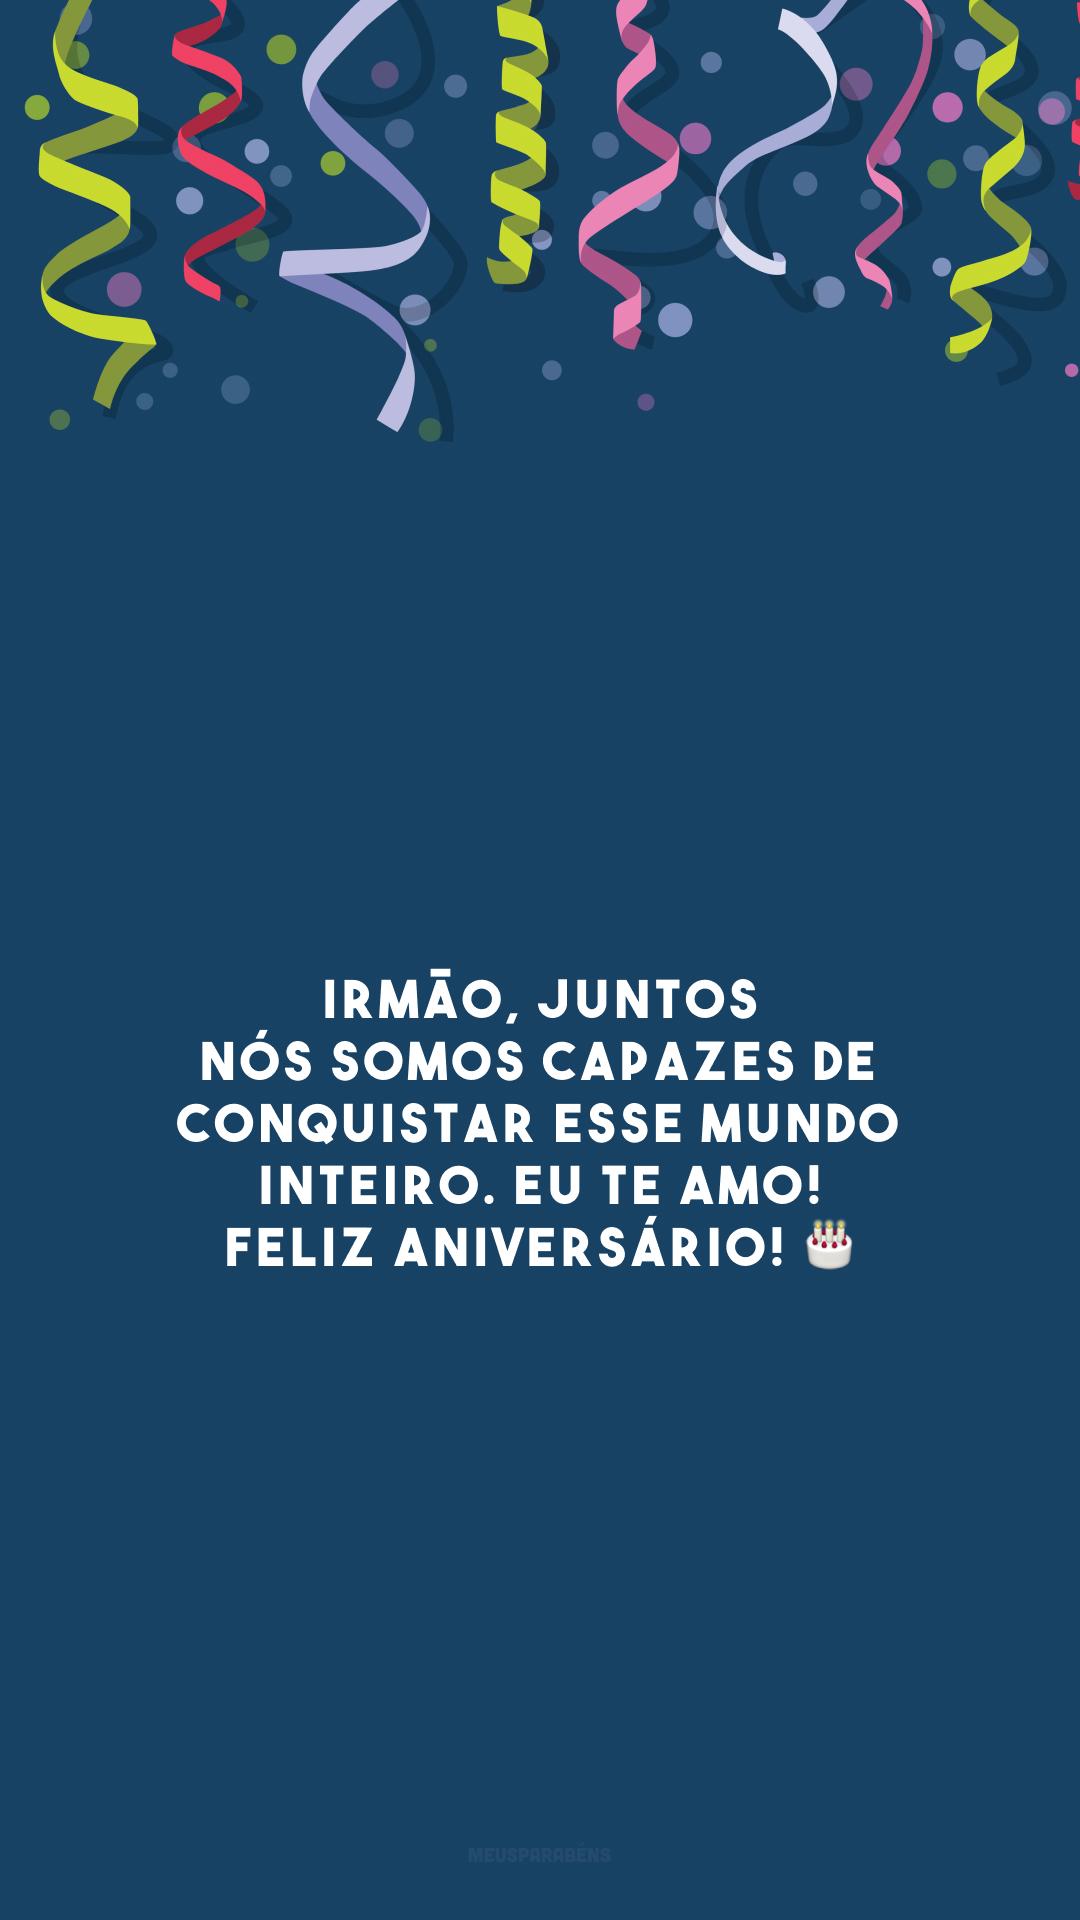 Irmão, juntos nós somos capazes de conquistar esse mundo inteiro. Eu te amo! Feliz aniversário! 🎂